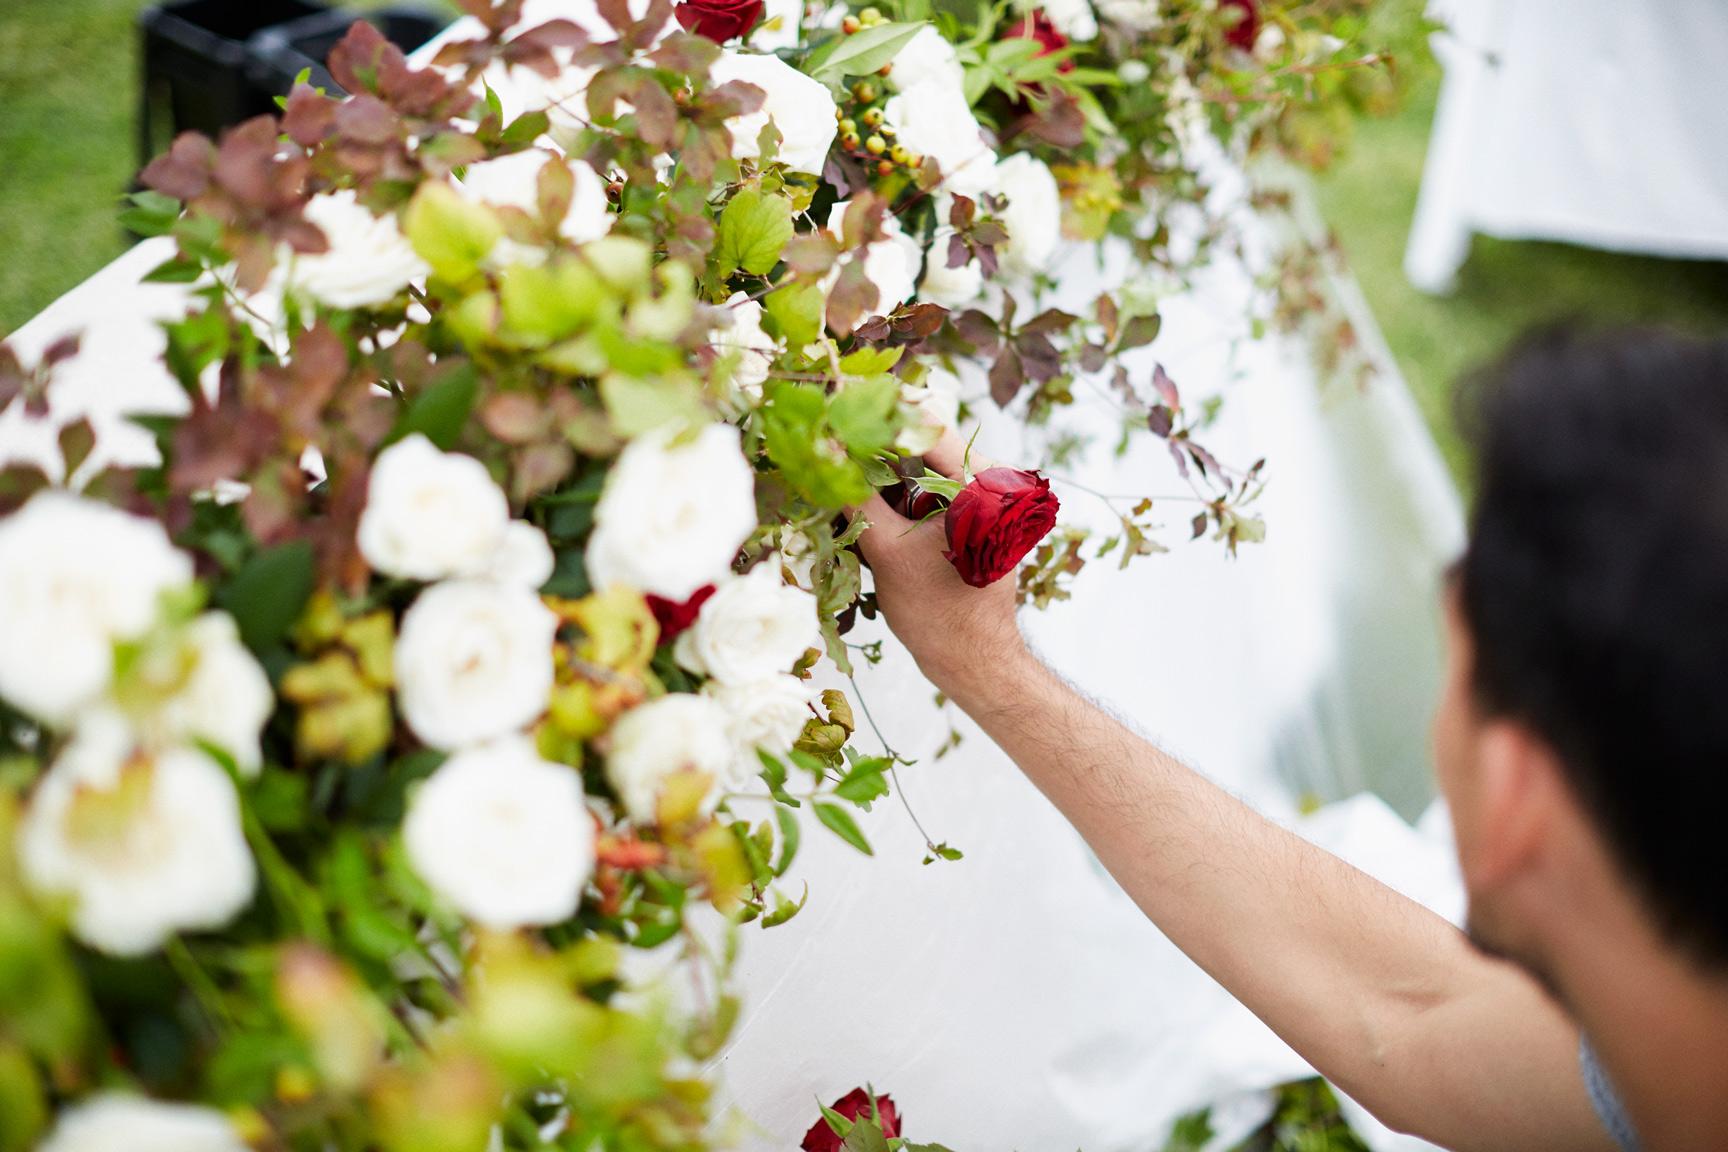 出張花フォト - お客様のご希望の場所へ花フォトが出張いたします。誕生日Party・企業イベント・ベビーシャワーなどフラワーPhoto Boothをお好きな場所へお届け致します出張・デザイン費 ¥ 20,000花材費 ¥ 10,000〜 (ご予算に応じます)